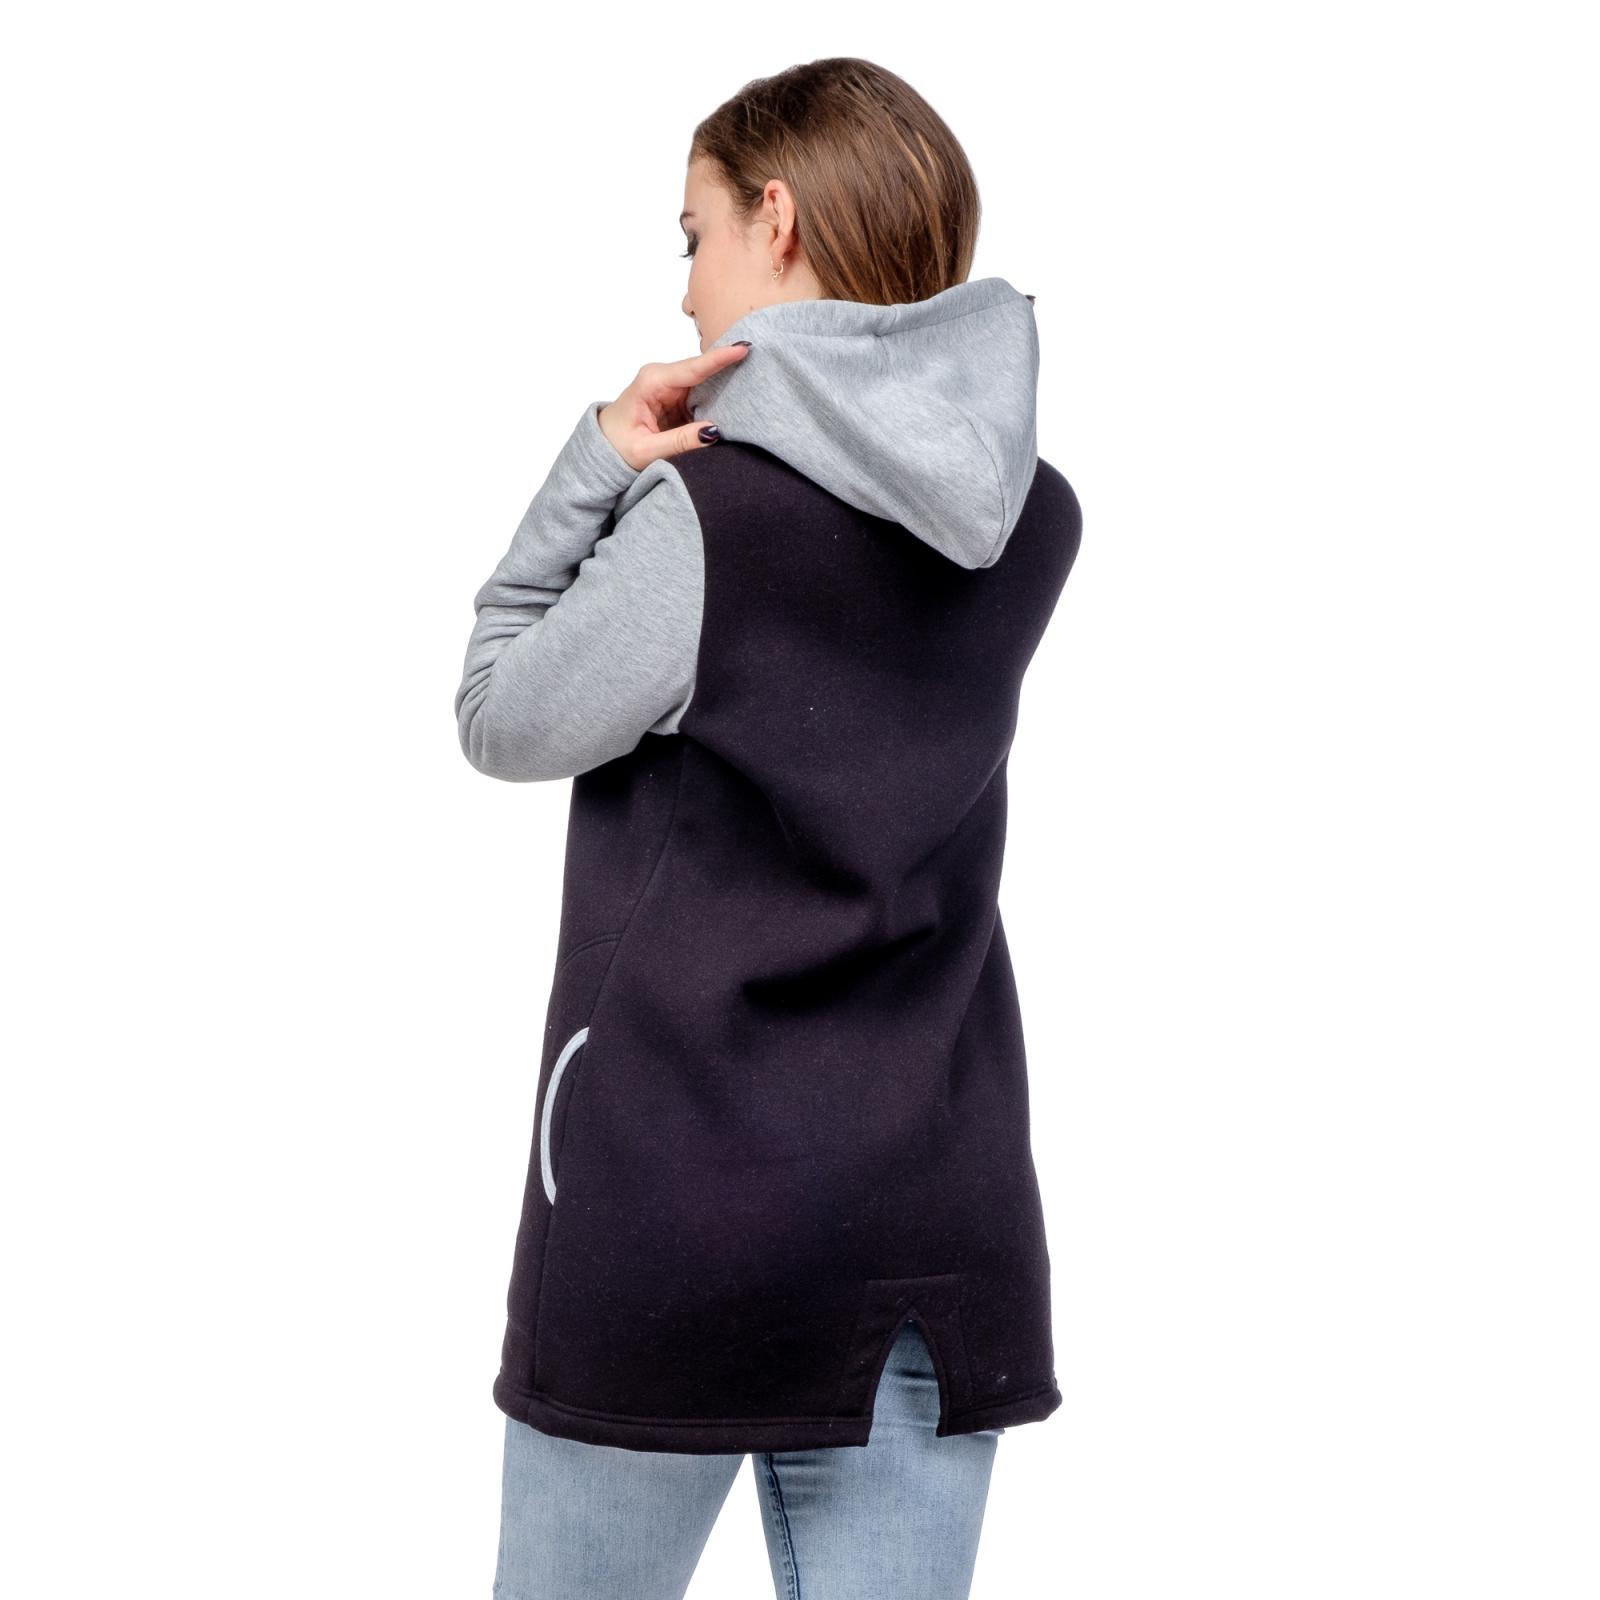 Жакет на молнии с капюшоном (чёрный с серыми рукавами) М-0104Ч